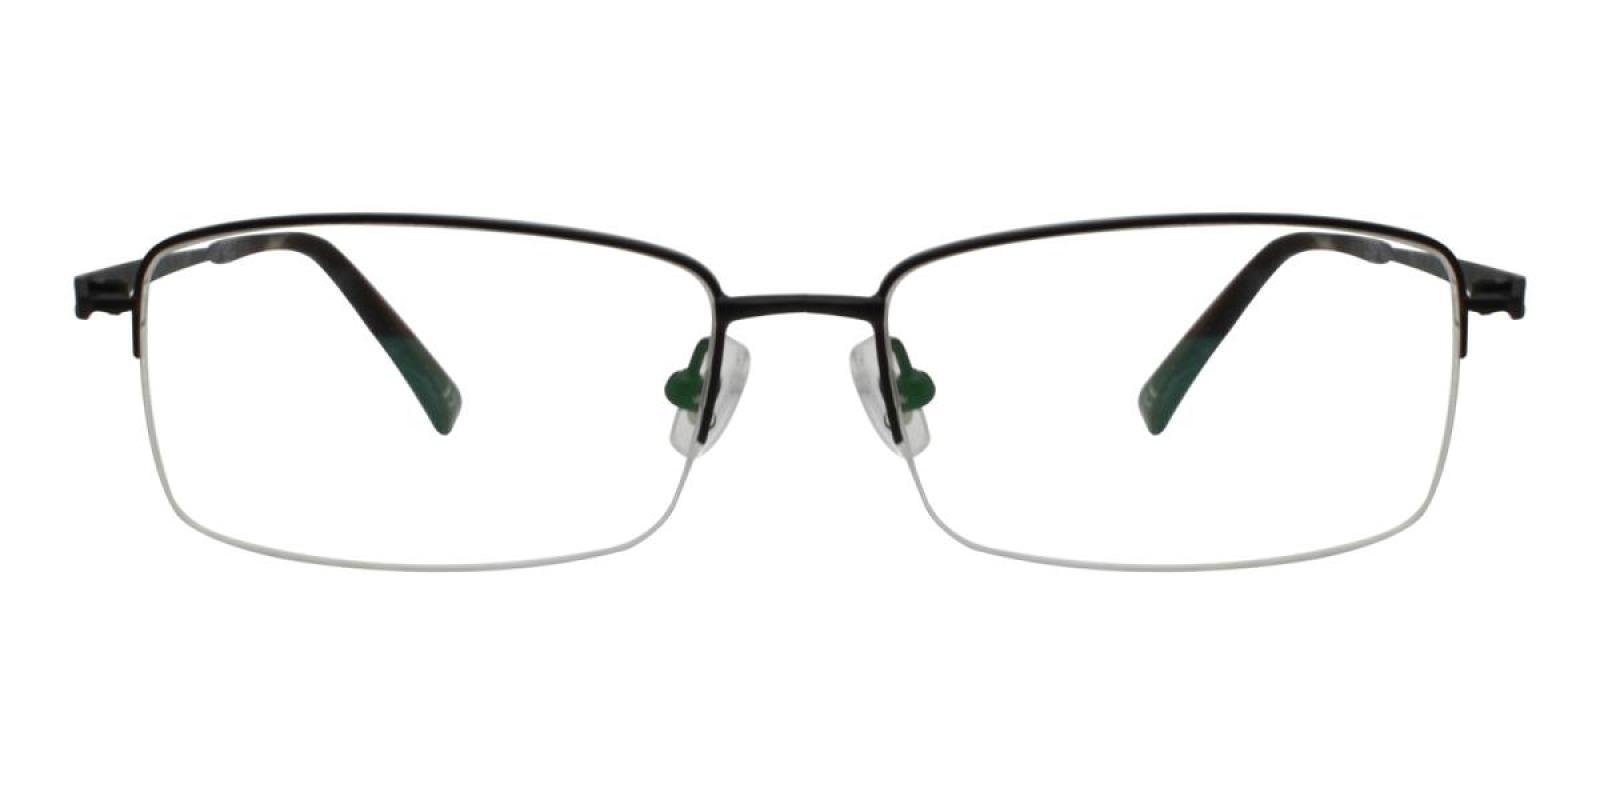 Oliv-Black-Rectangle-Titanium-Eyeglasses-additional2